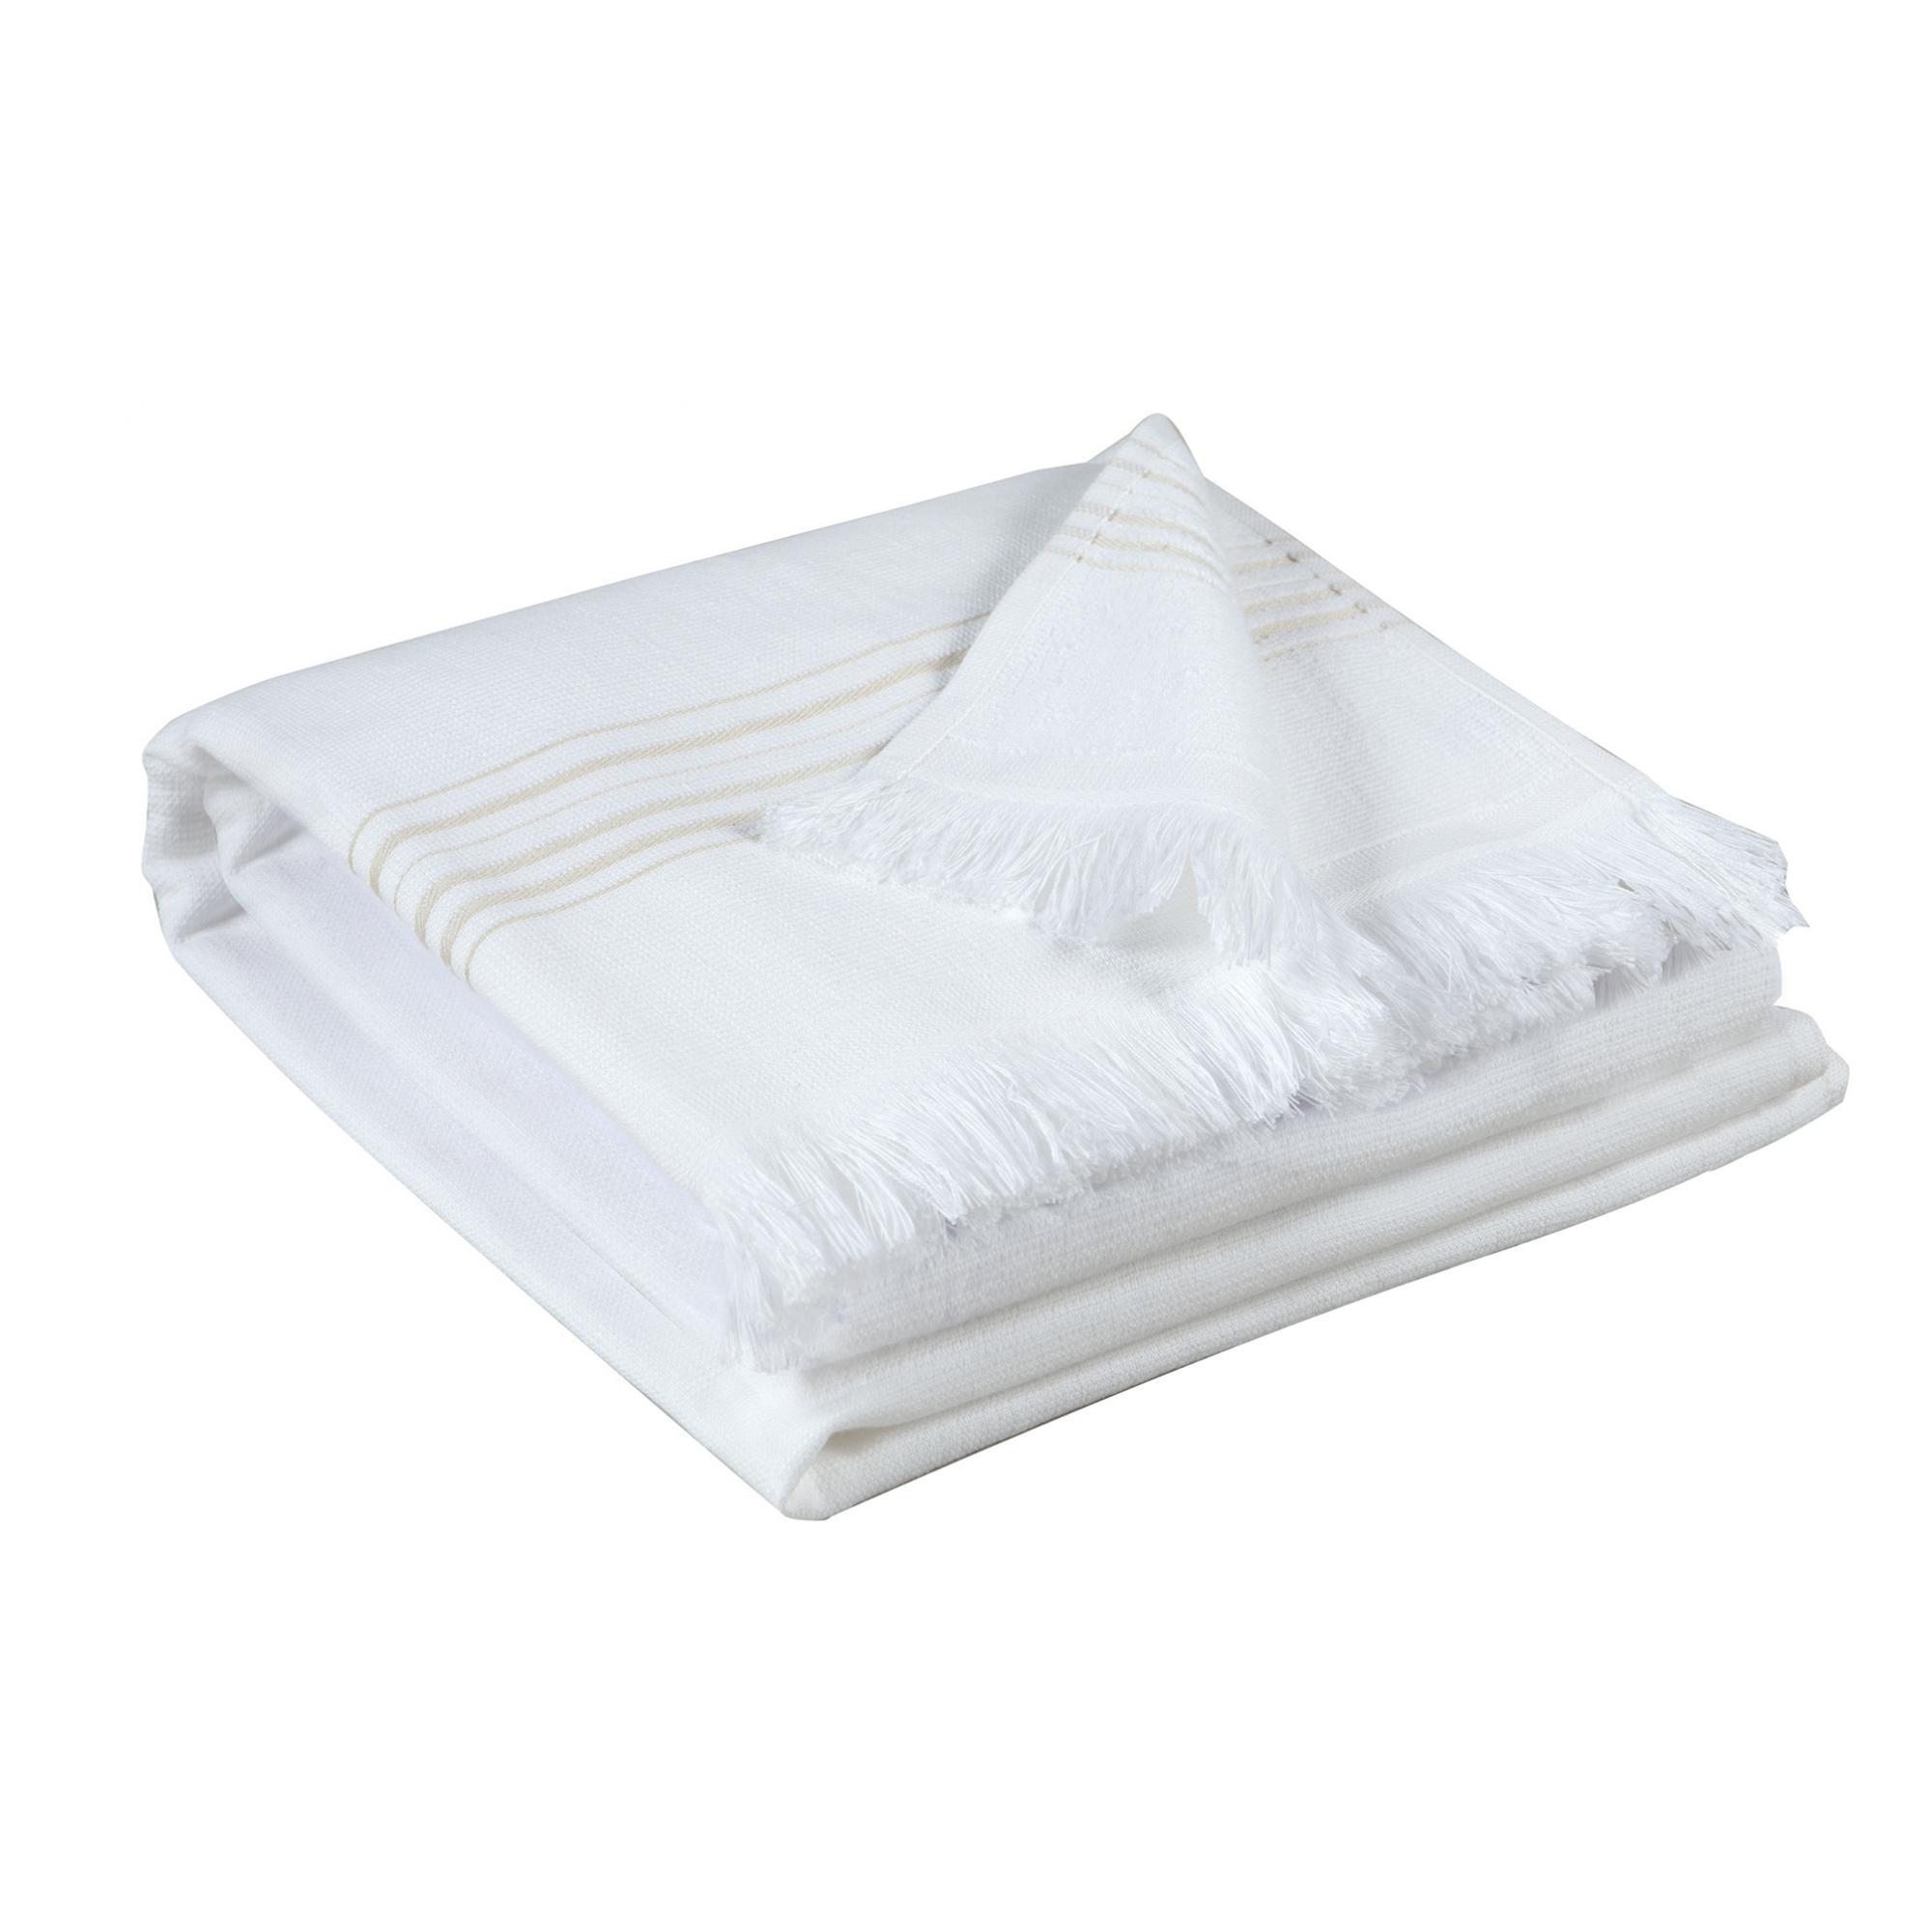 Drap de bain uni en coton beige 90x180